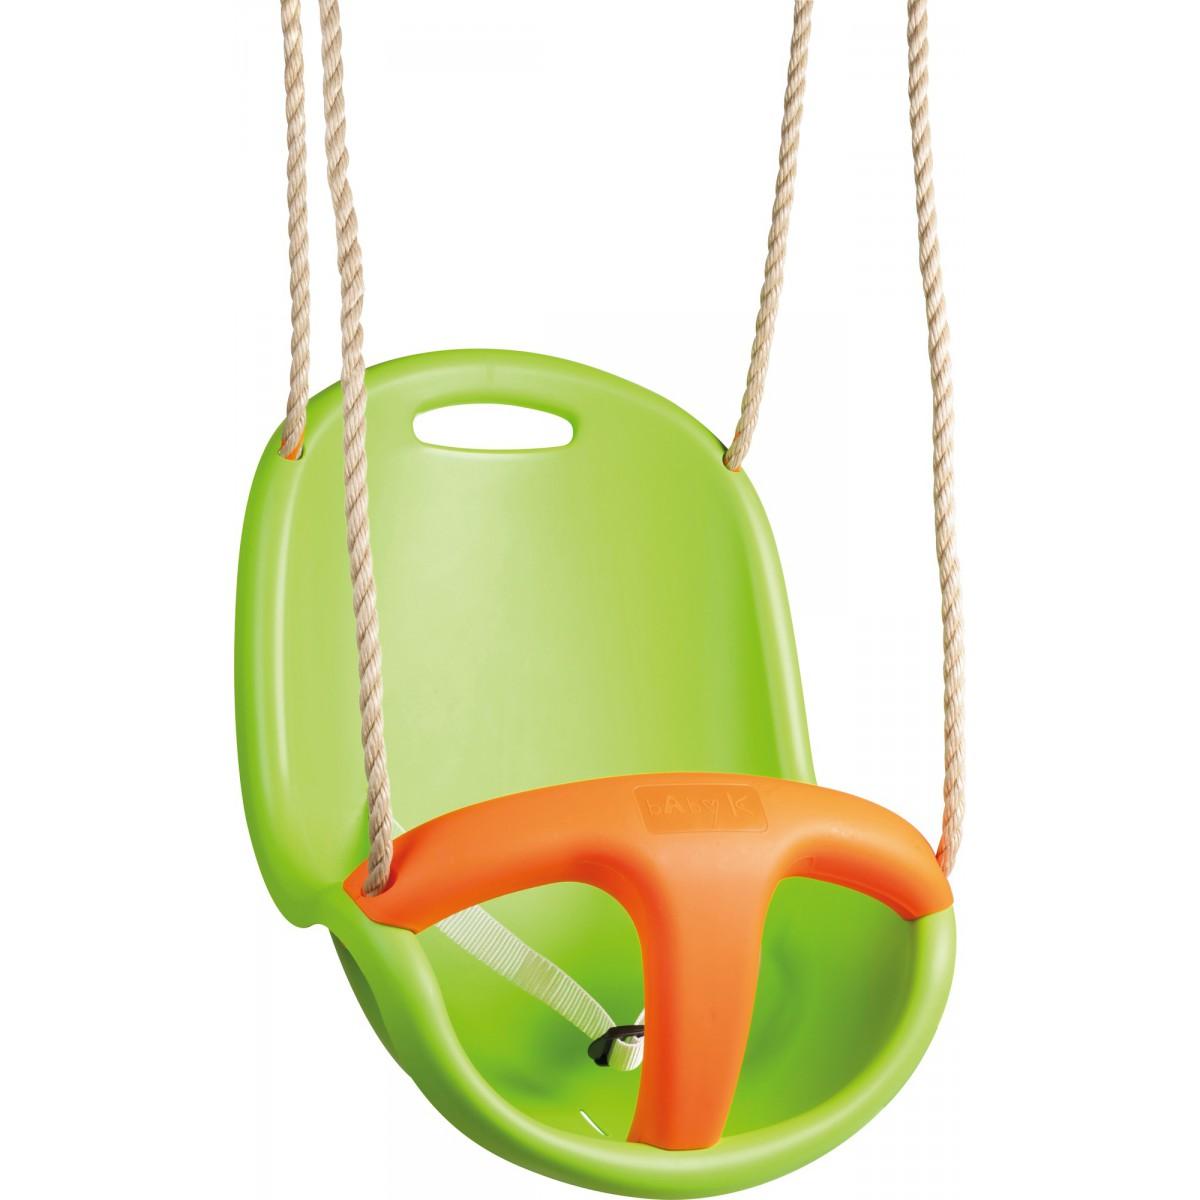 Siège bébé pour portiques 1,9 m - 2,5 m - Trigano